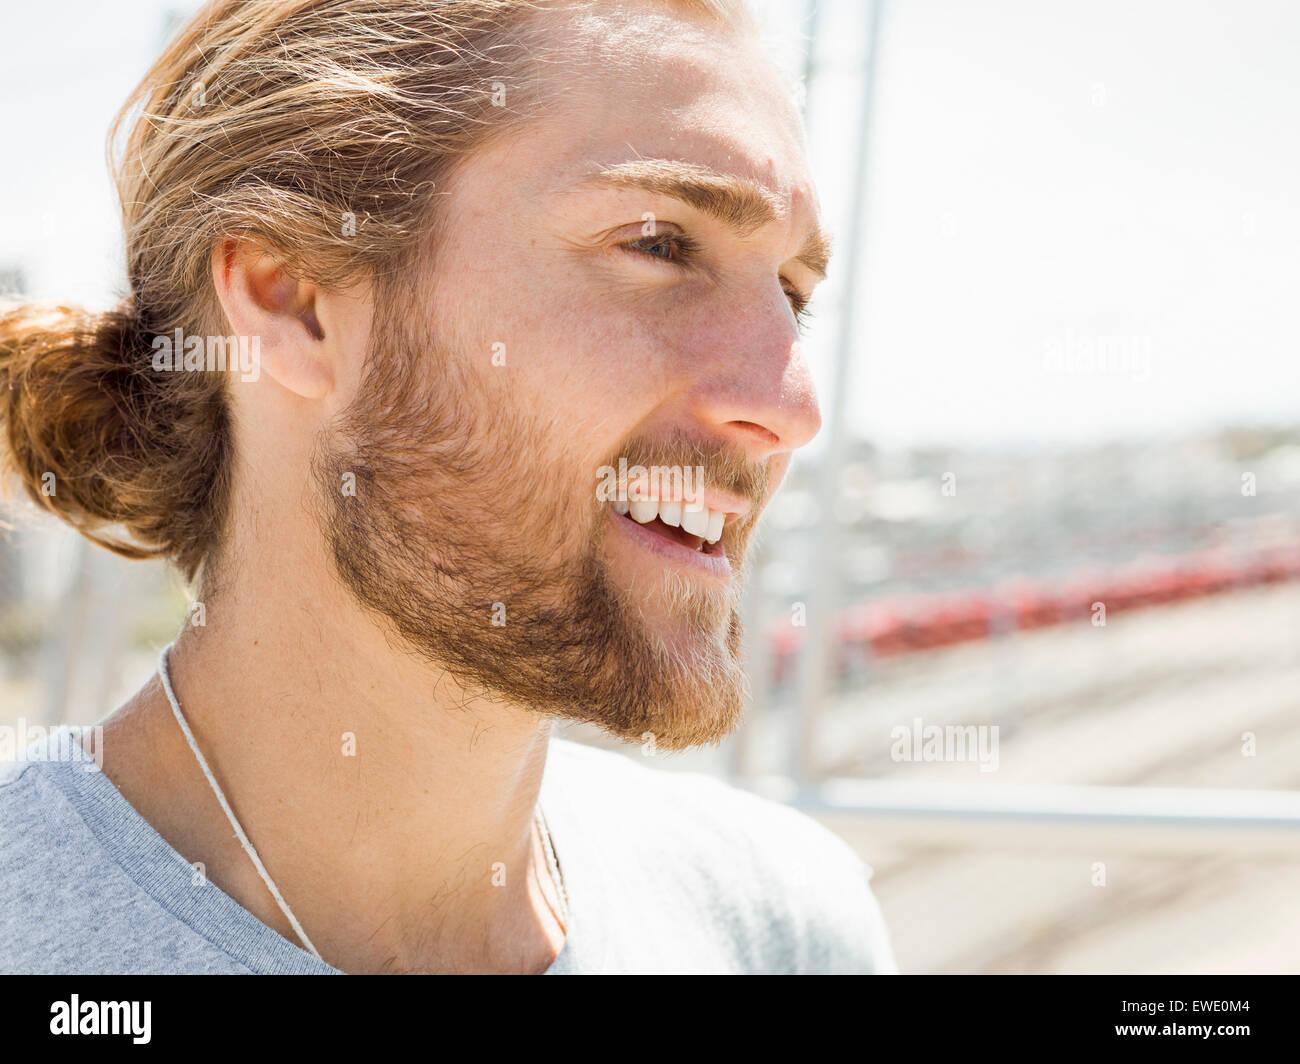 Ein junger Mann mit Bart, rote Haare und Pferdeschwanz Stockbild